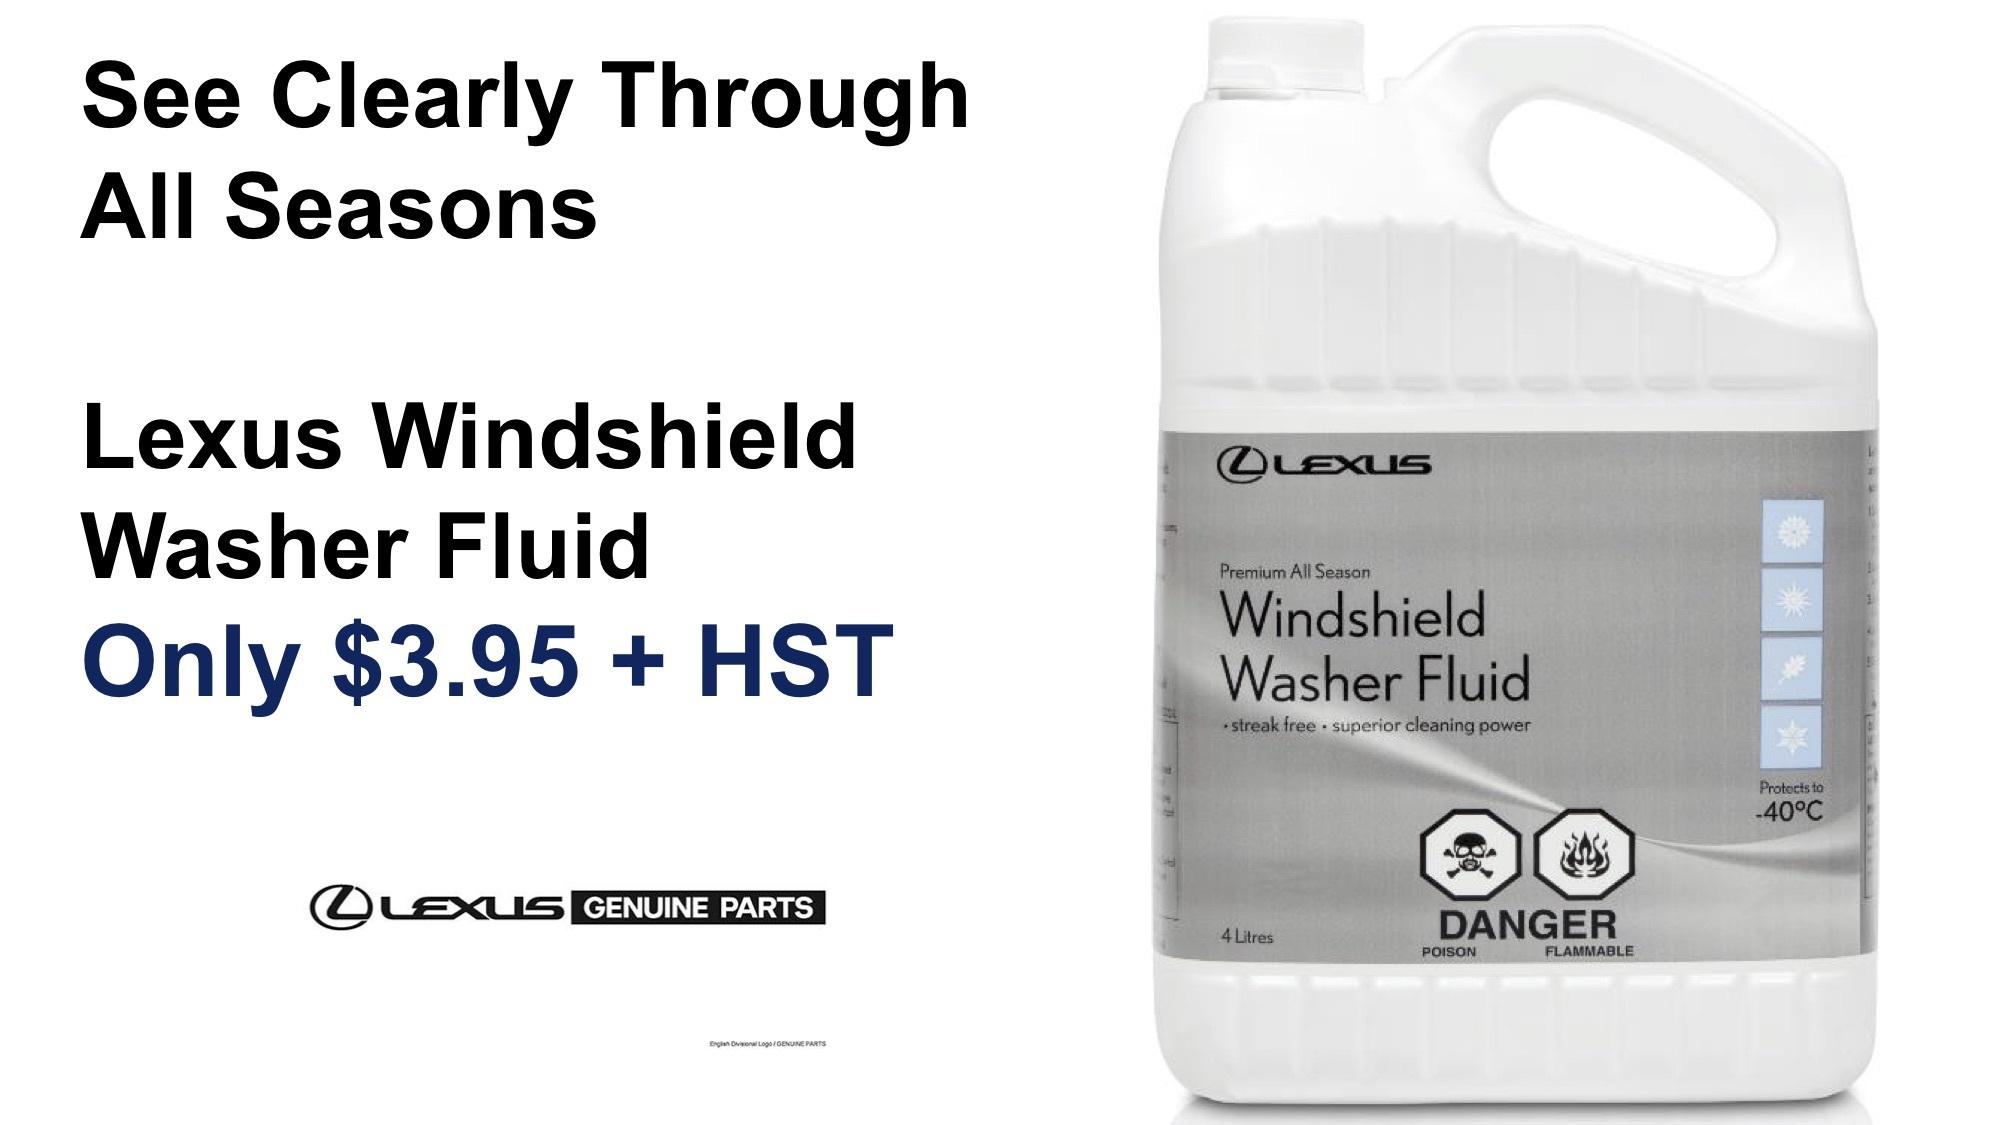 Lexus Windshield Washer Fluid